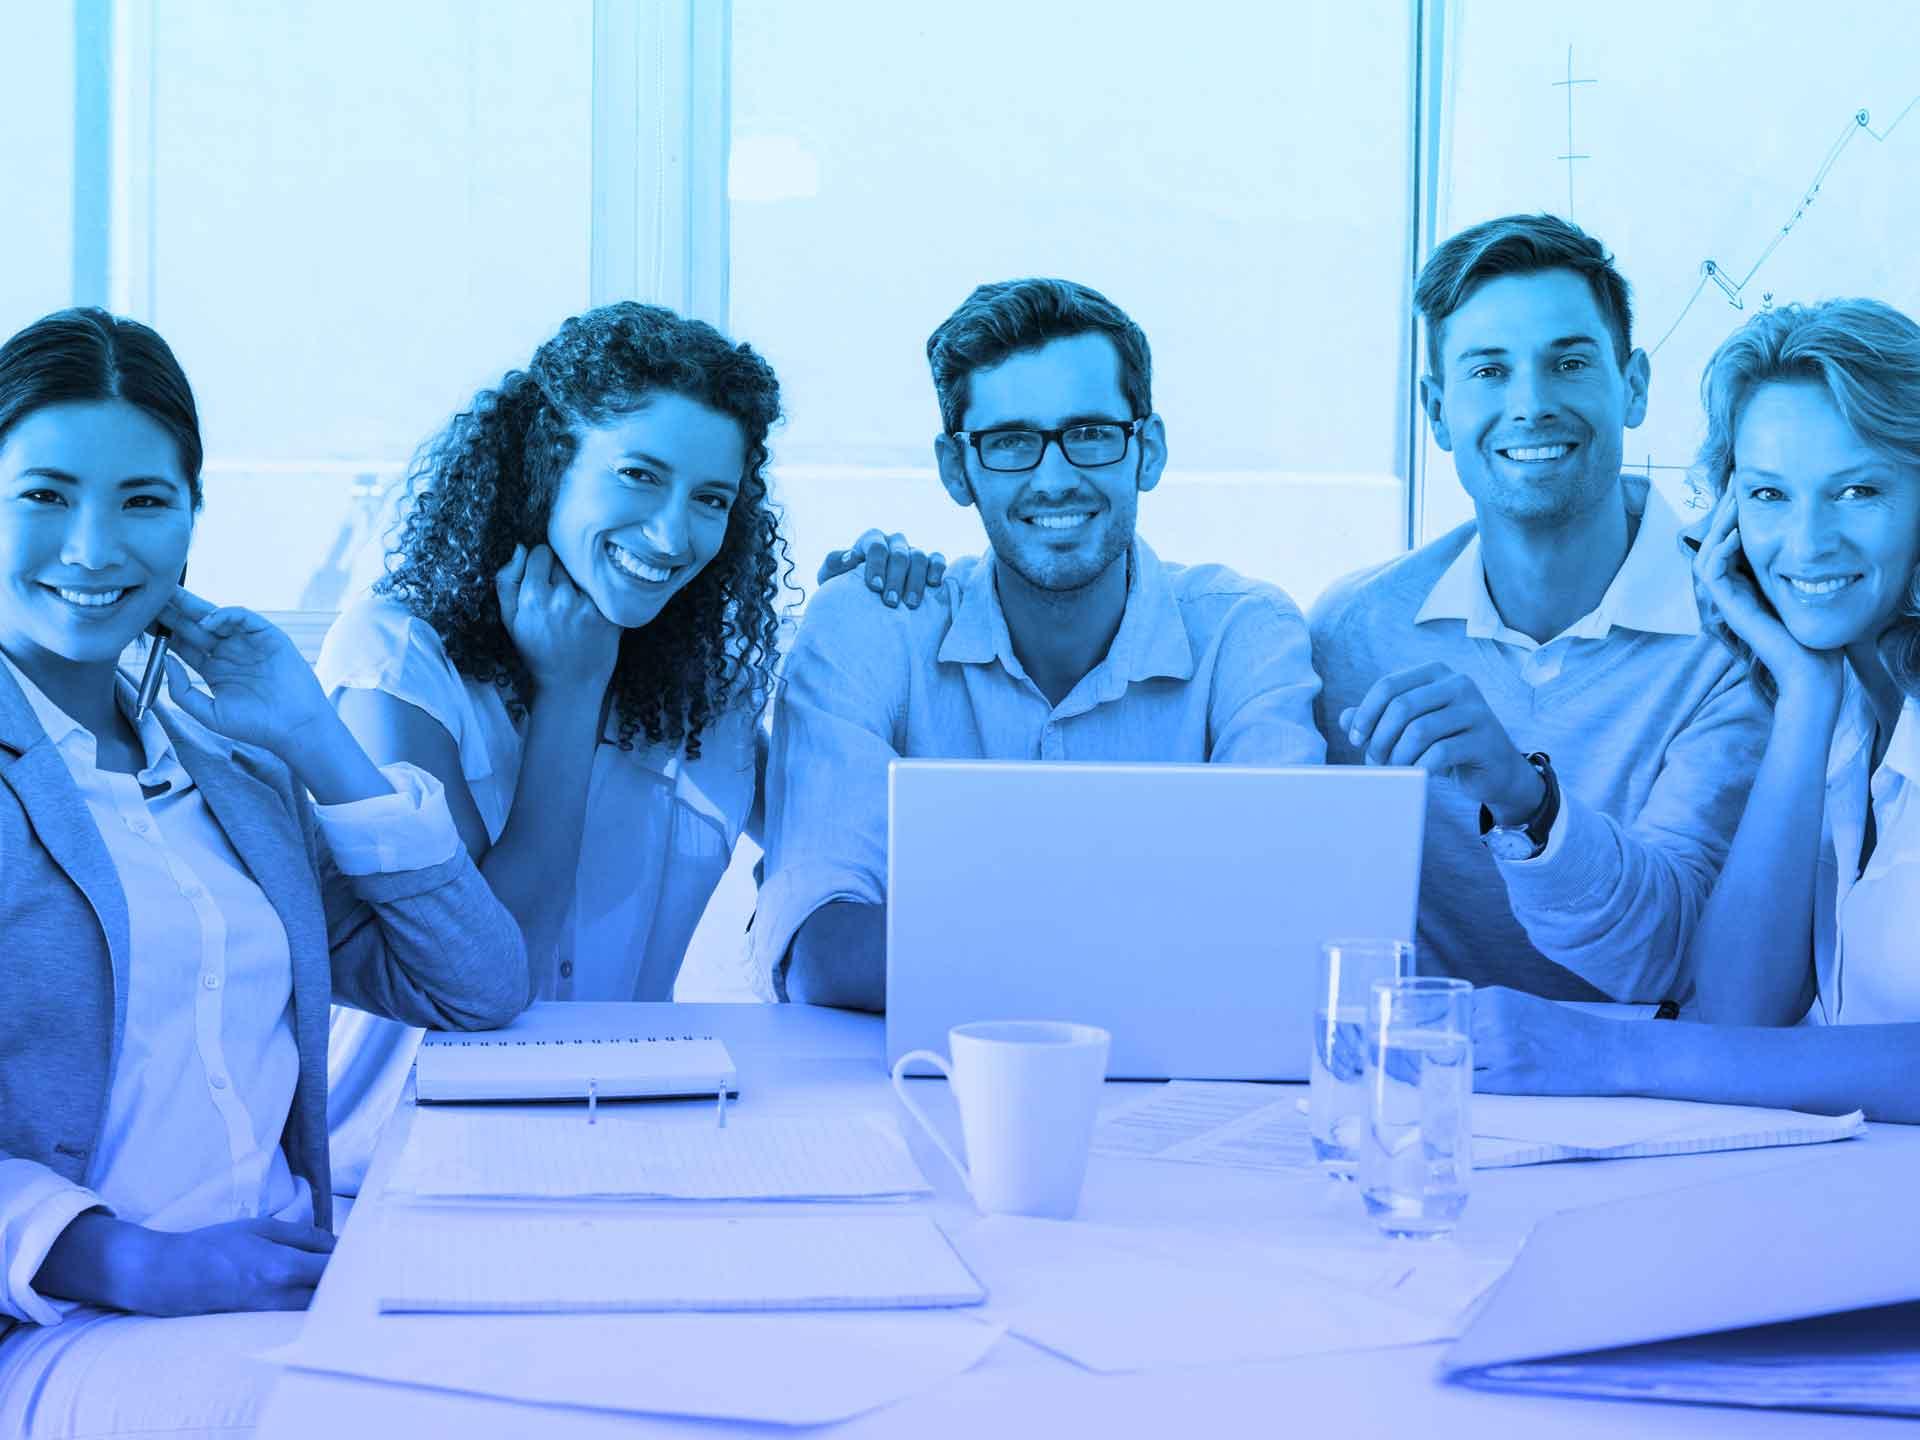 Microsoft Dynamics 365 Customer Service bietet leistungsstarke Werkzeuge für Ihre Mitarbeiter